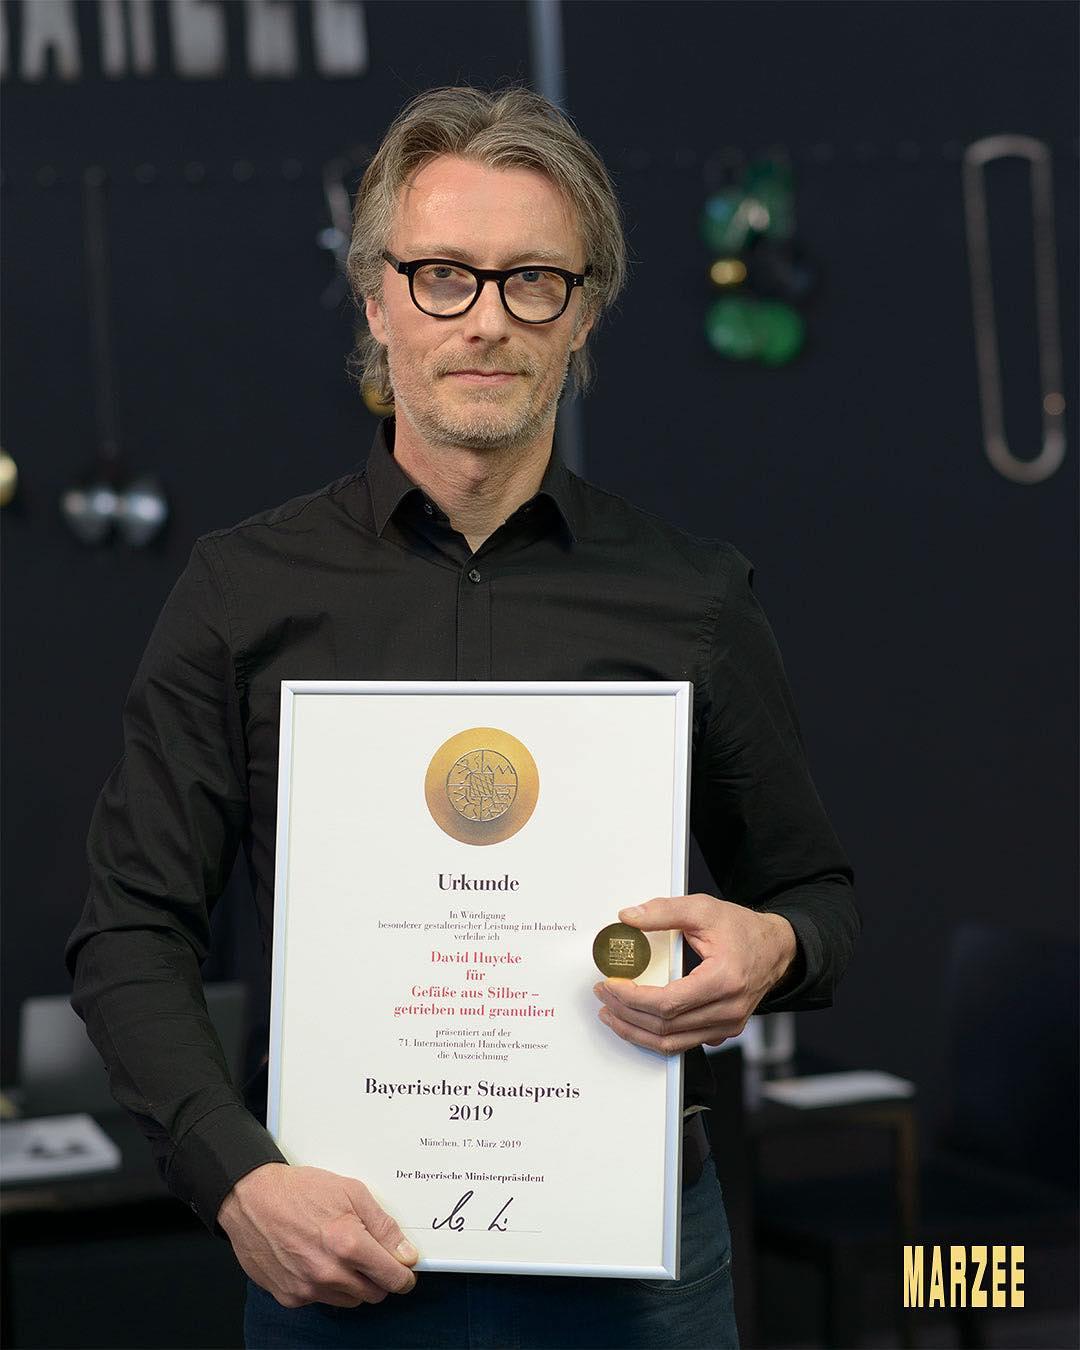 David Huycke wint de Bayerischer Staatspreis, maart 2019. Foto met dank aan Galerie Marzee©